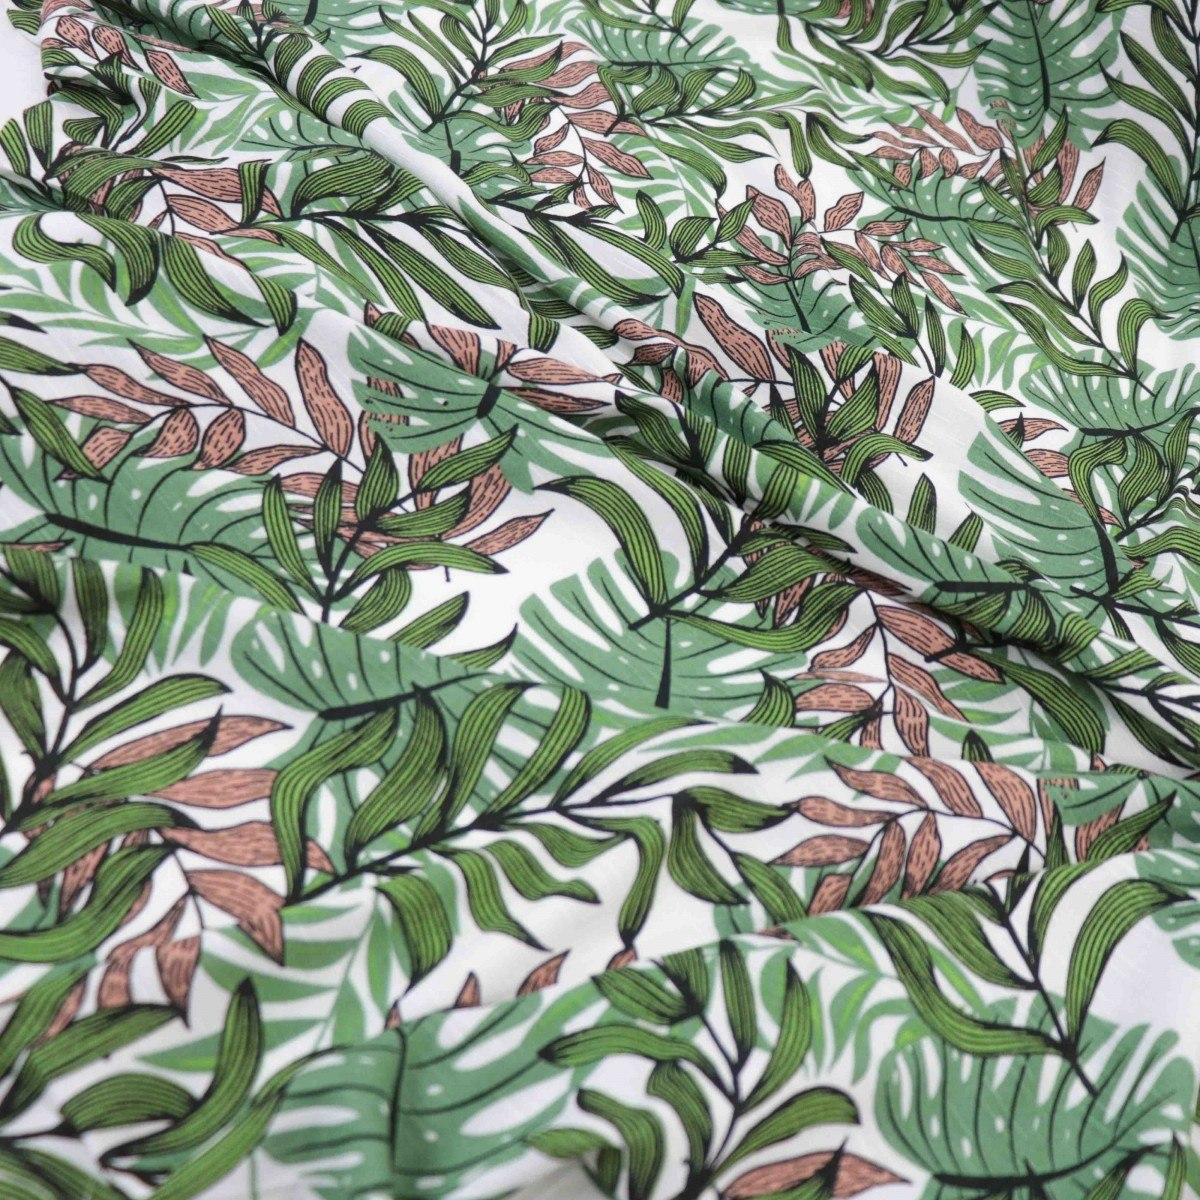 Tecido Viscose Flamê Folhagens Branco, Marrom e Verde